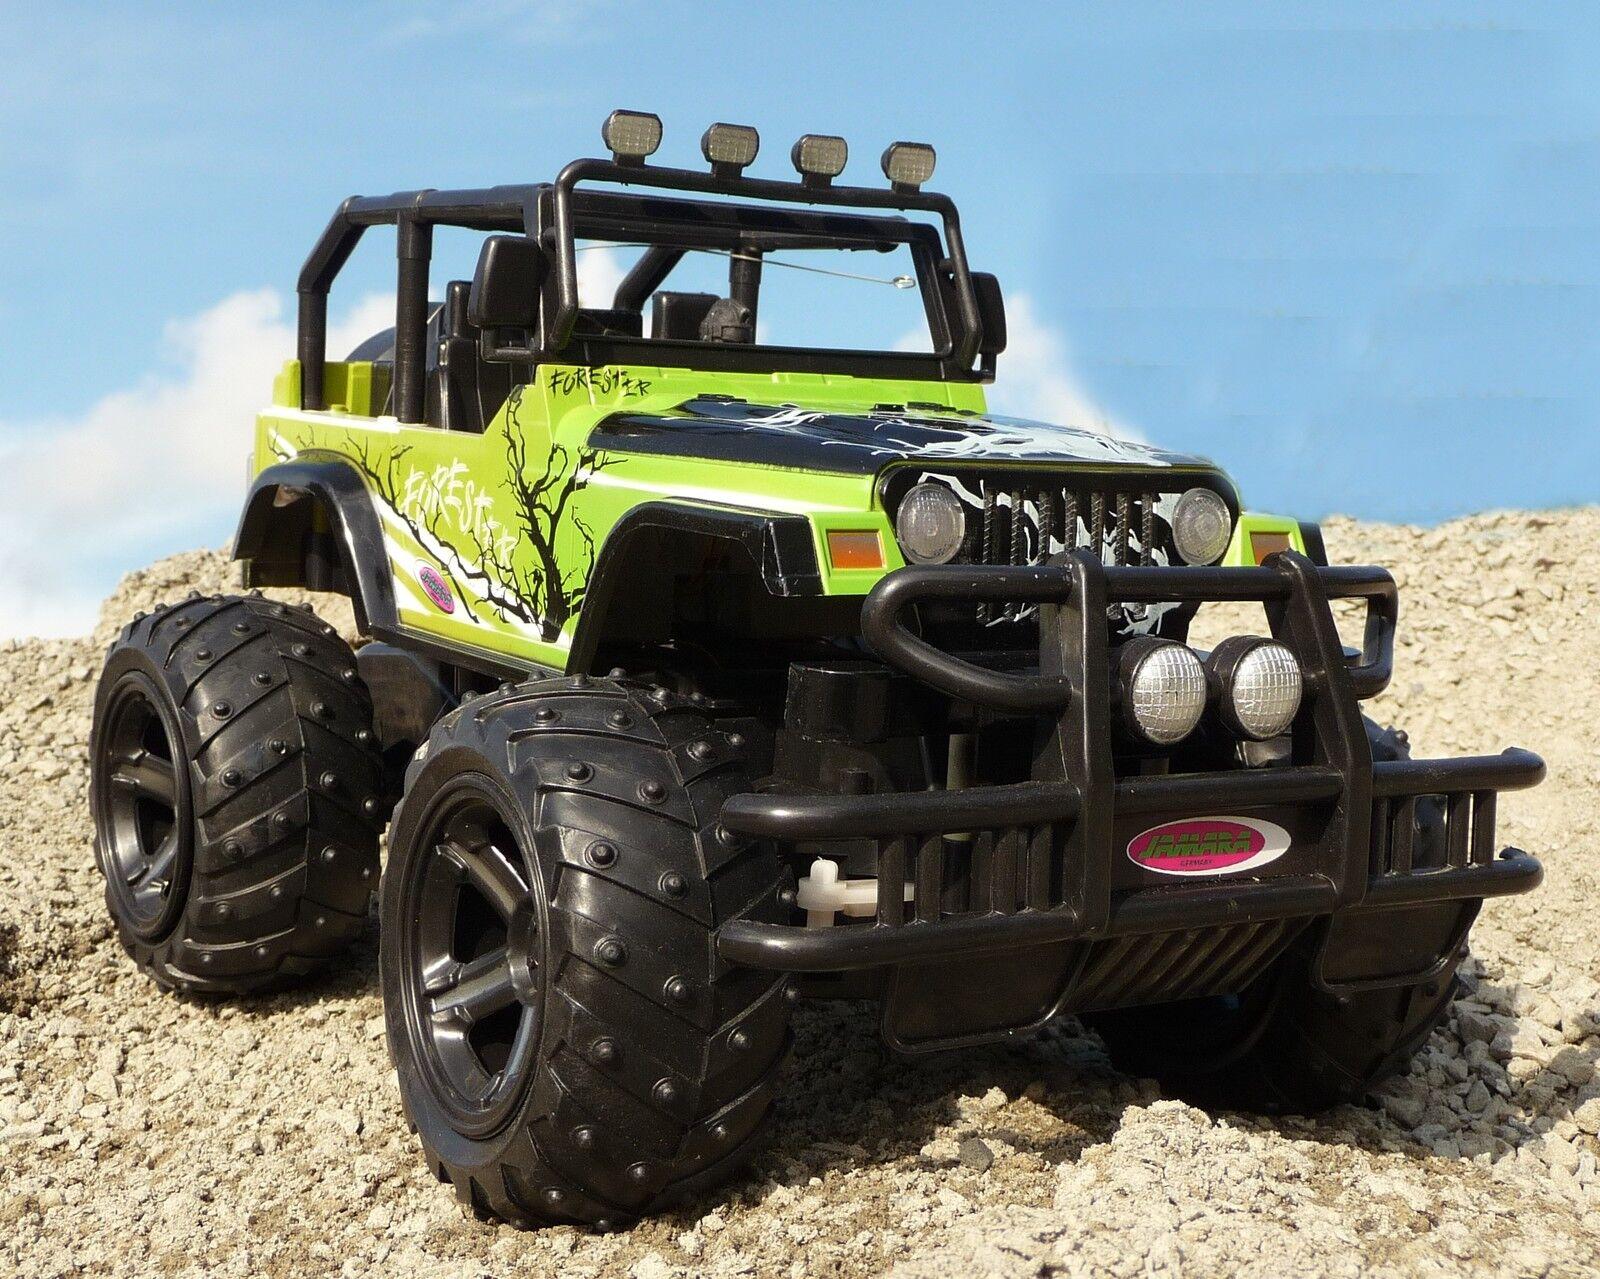 Modello RC Jeep Forester con Luce & Batteria Lunghezza 32cm  remoto 40 MHz  403105